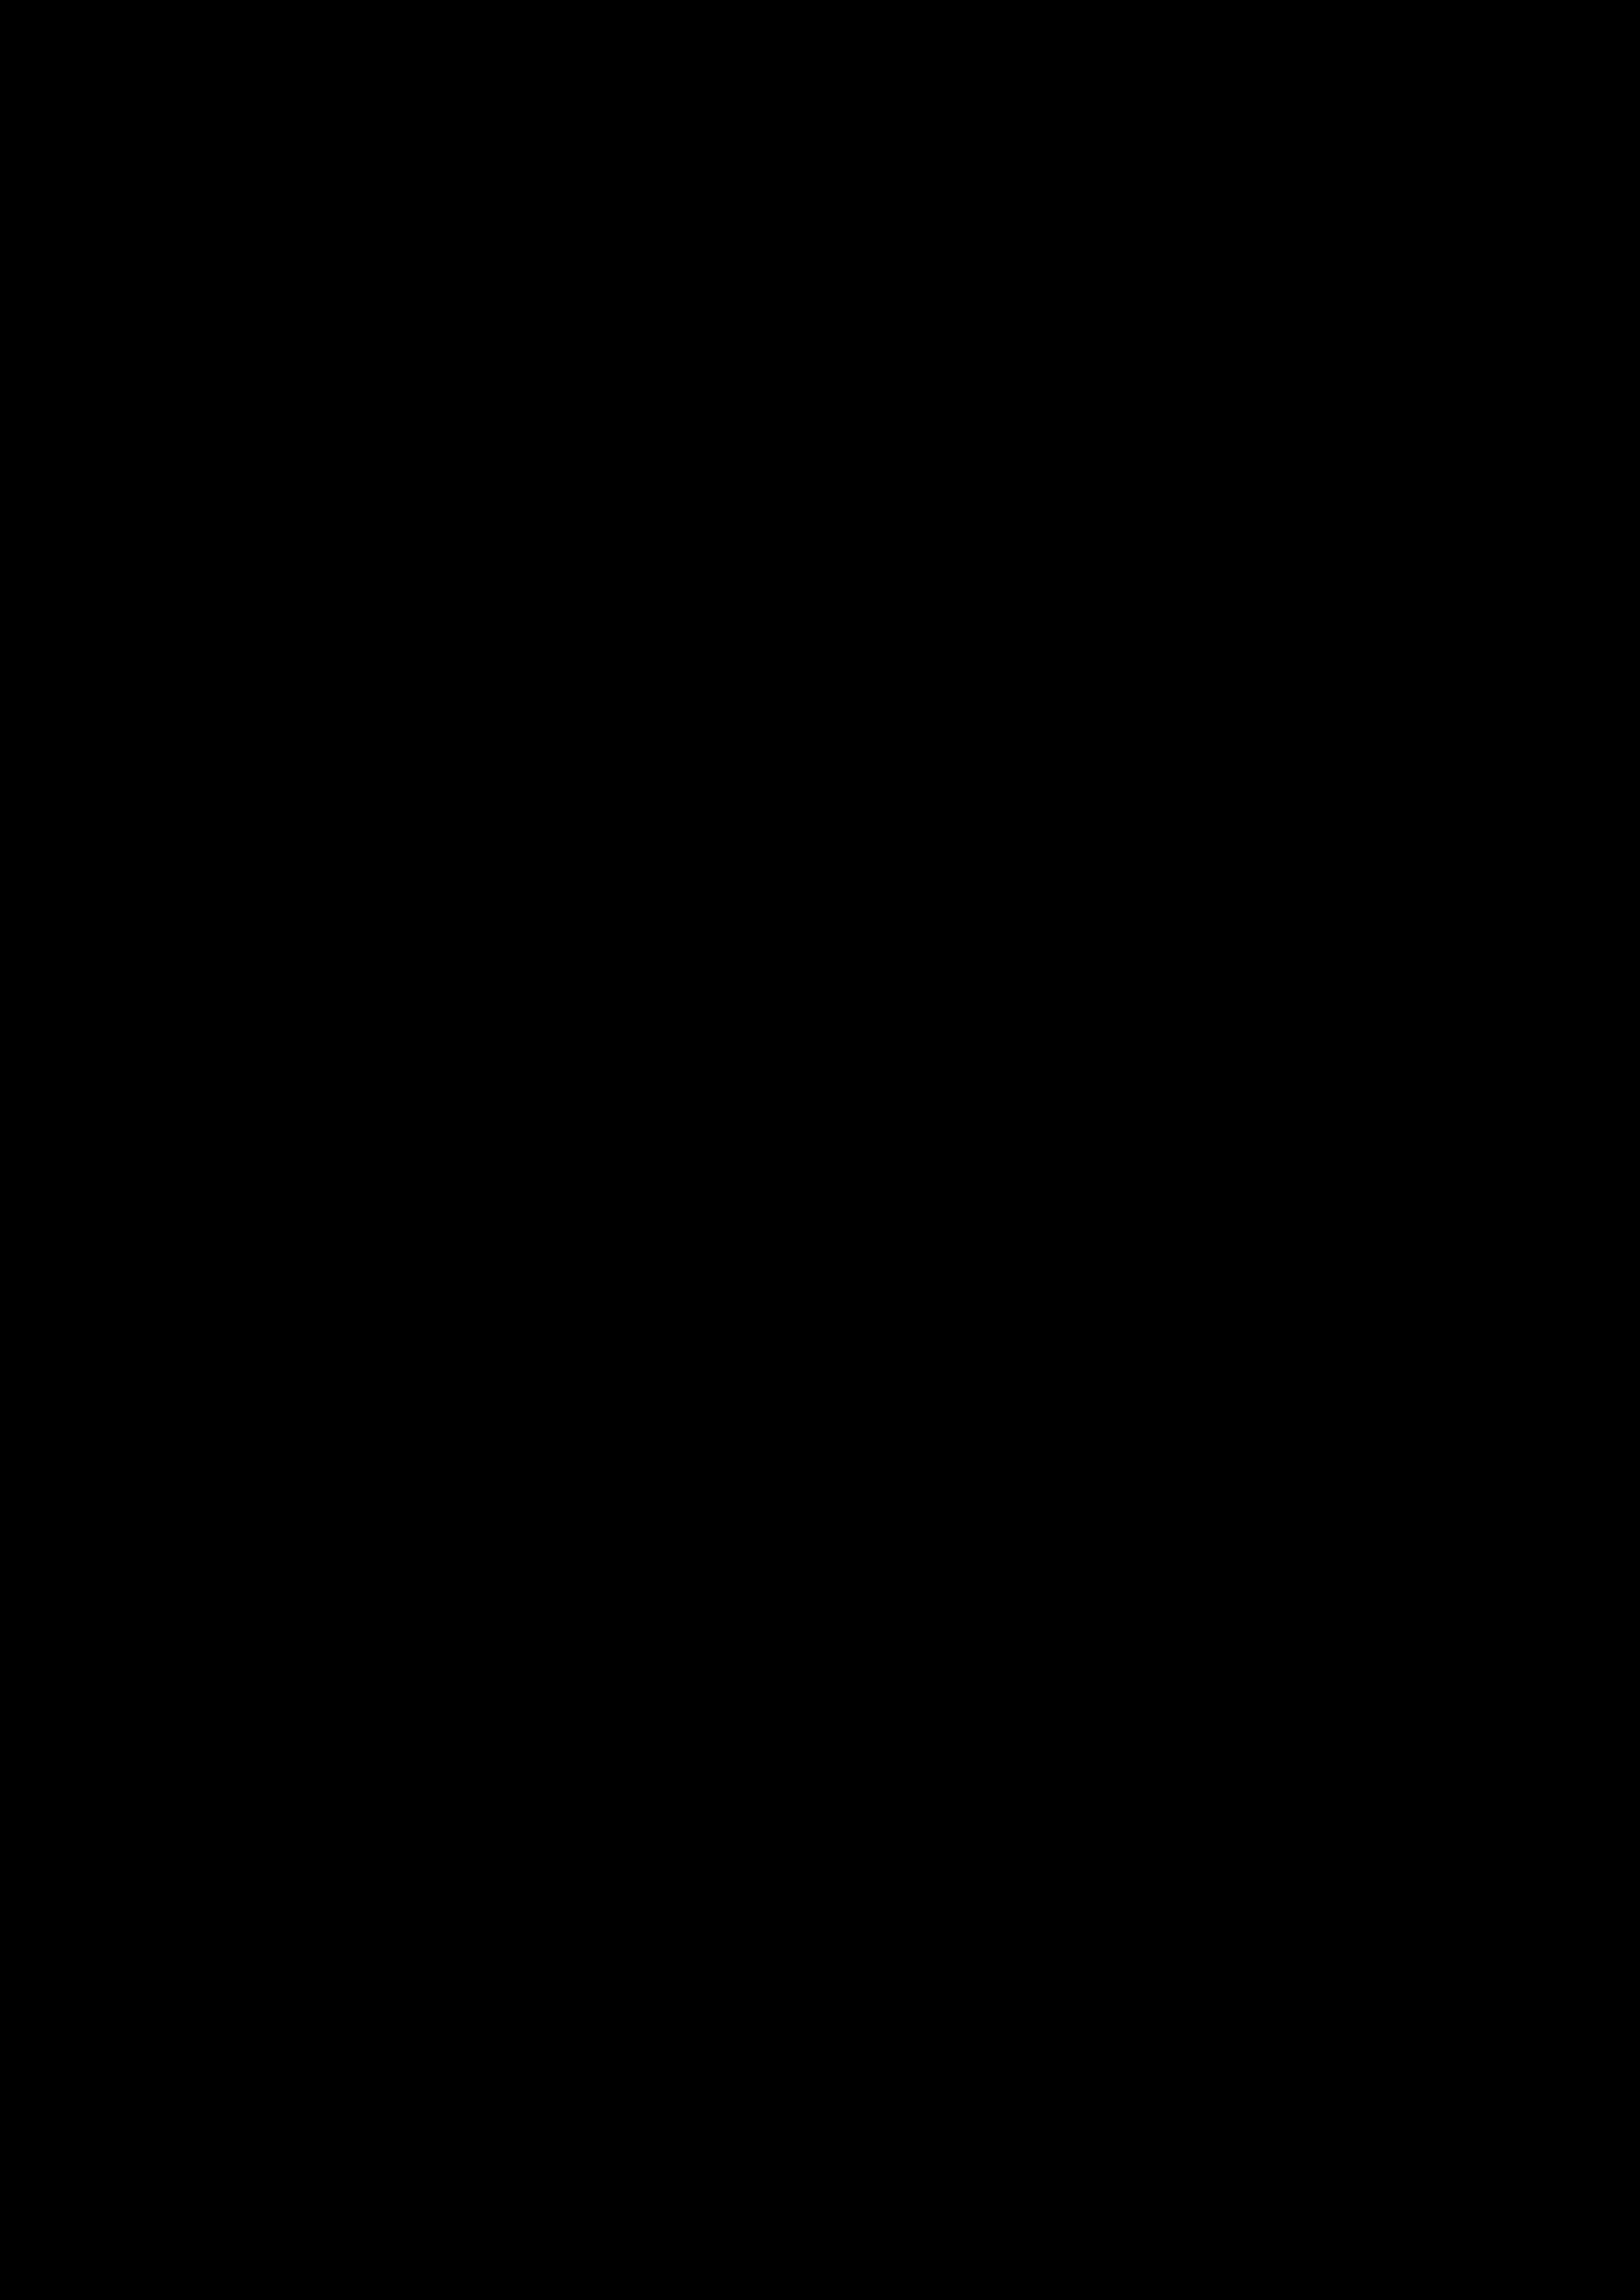 Dagskrá á sumardaginn fyrsta í Reykjavík, 20. apríl